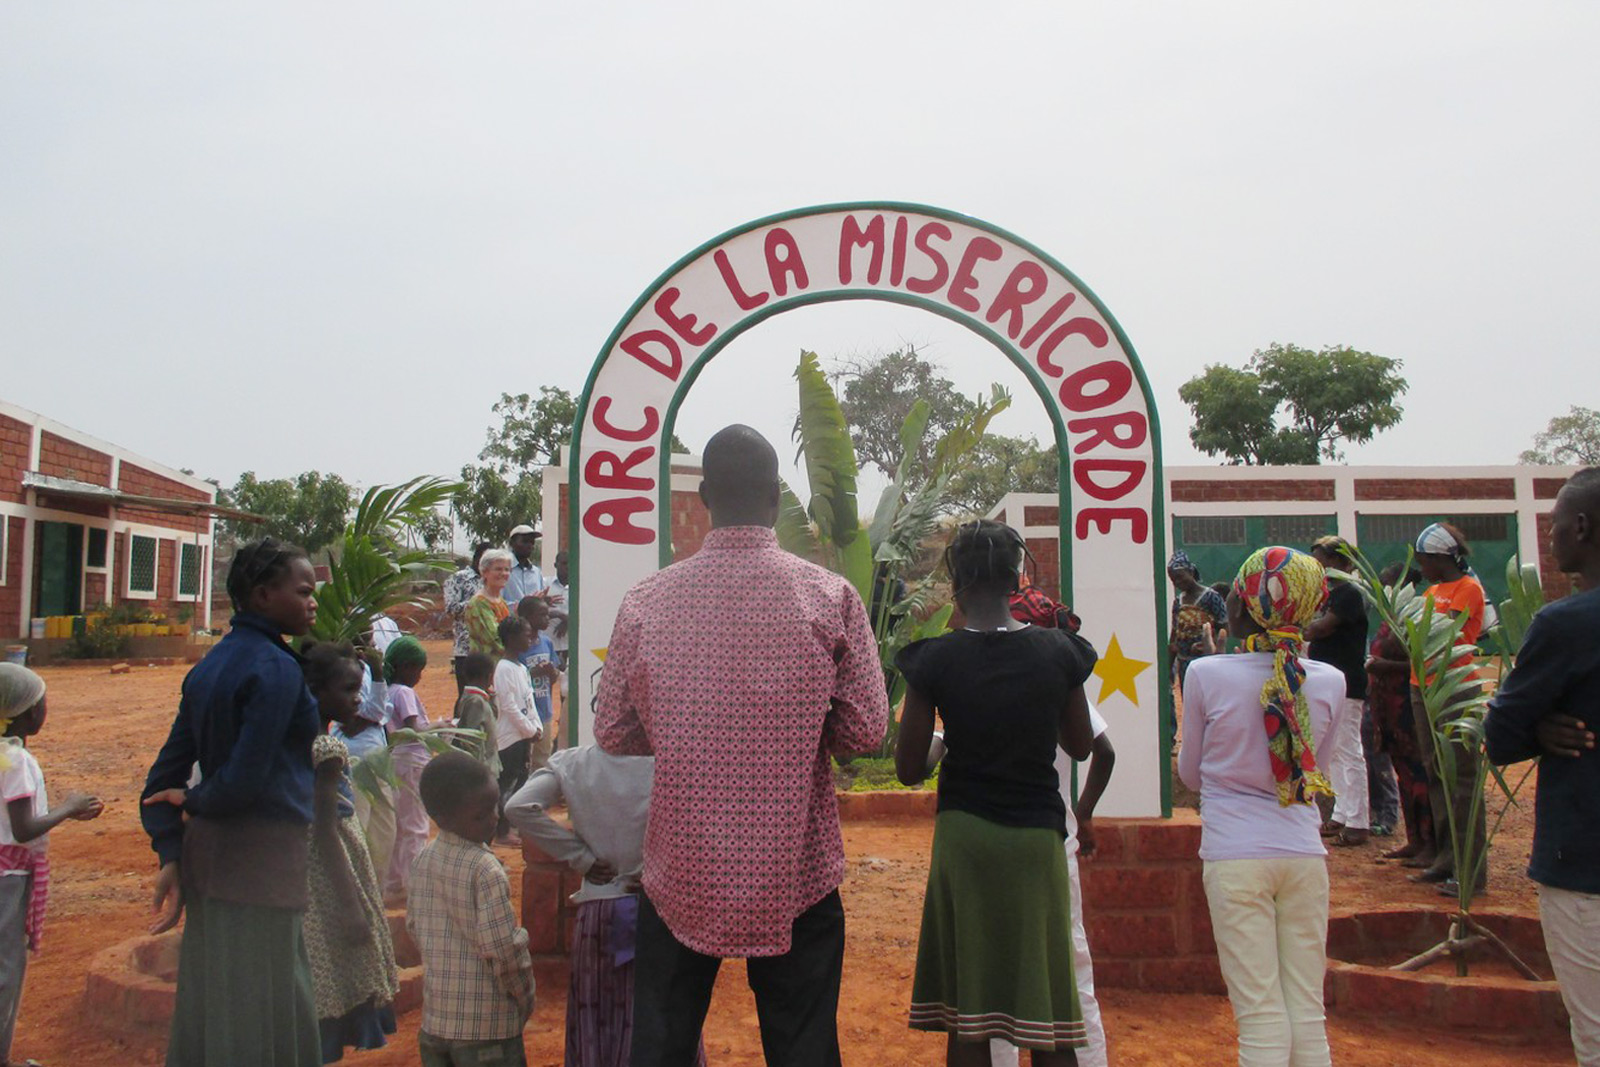 Arco della misericordia